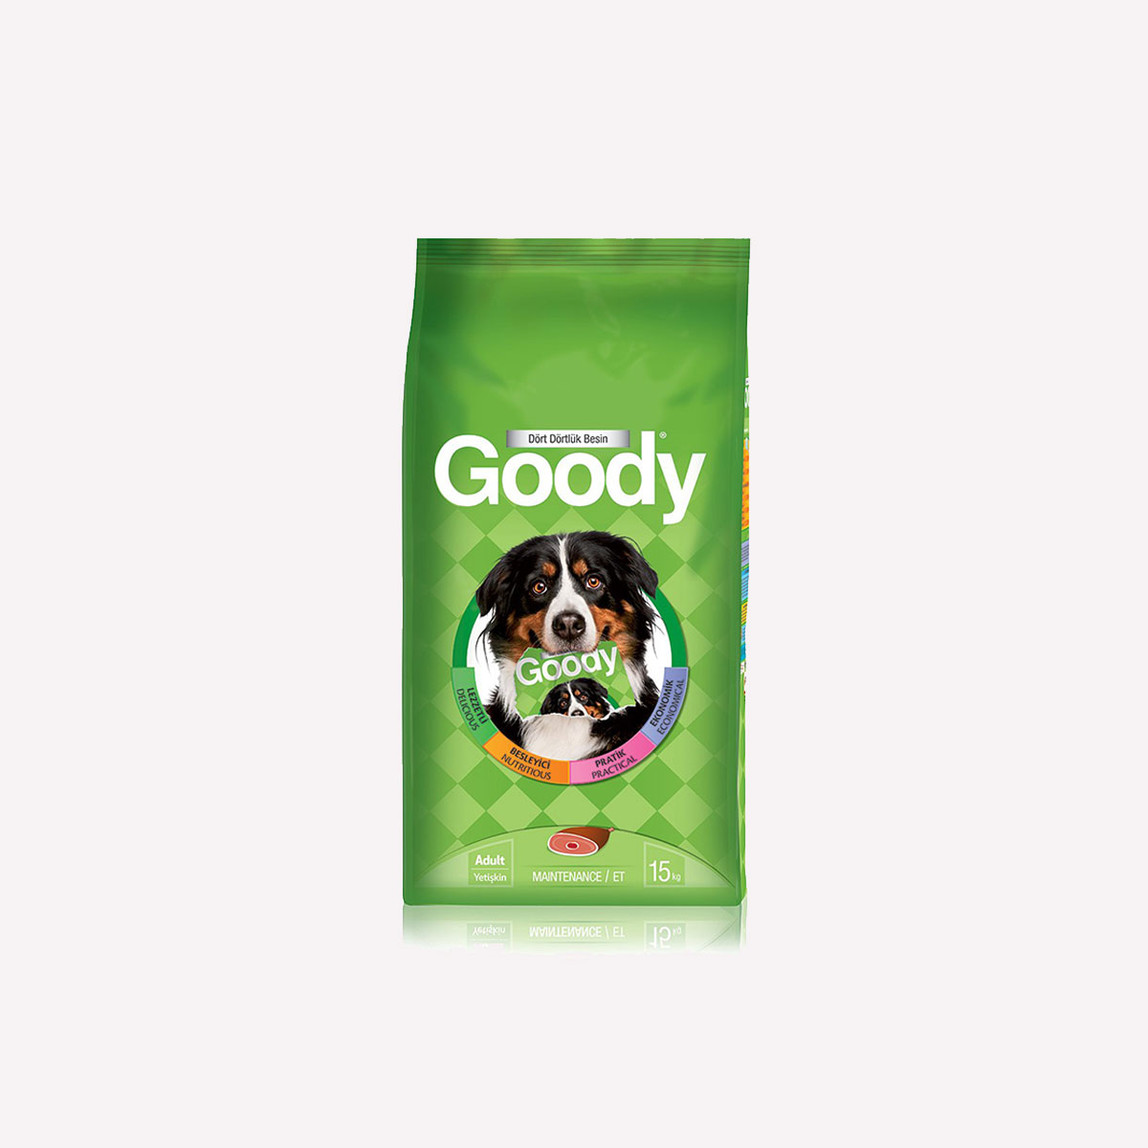 Goody Etli Maintenance Yetişkin Köpek Maması 15 kg